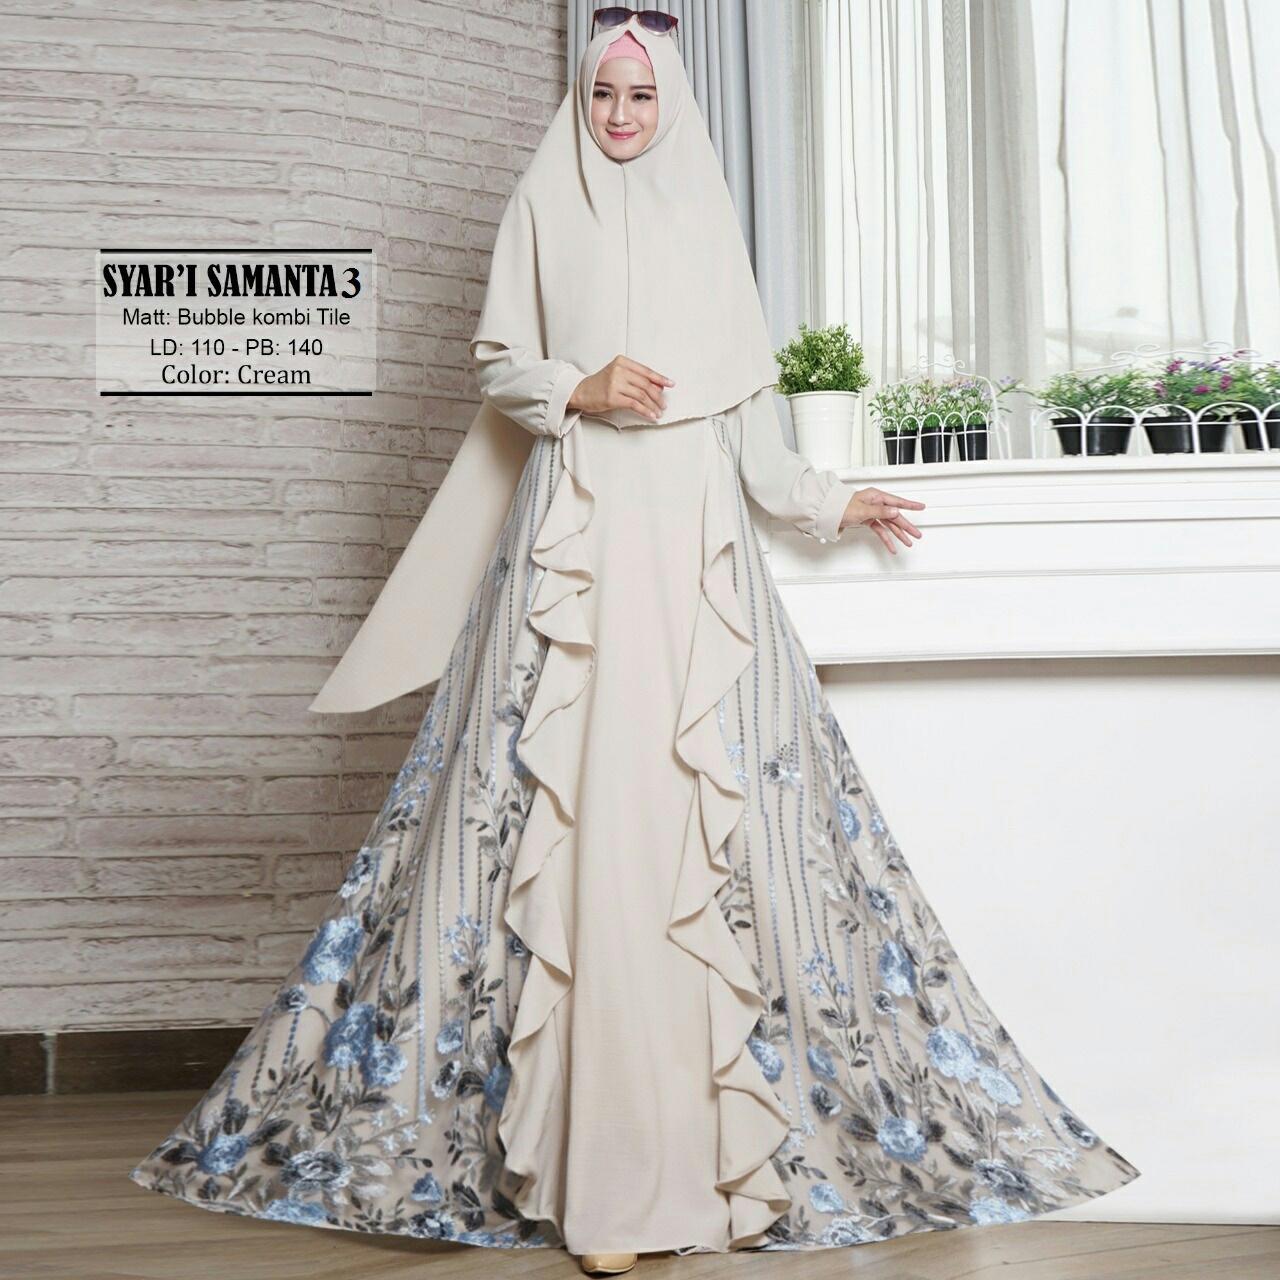 GAMIS PESTA BELITA JUMBO BY ... Source ... Gamis Syari / Baju Muslim / Fashion Muslim / Setelan Muslim / Hijab .